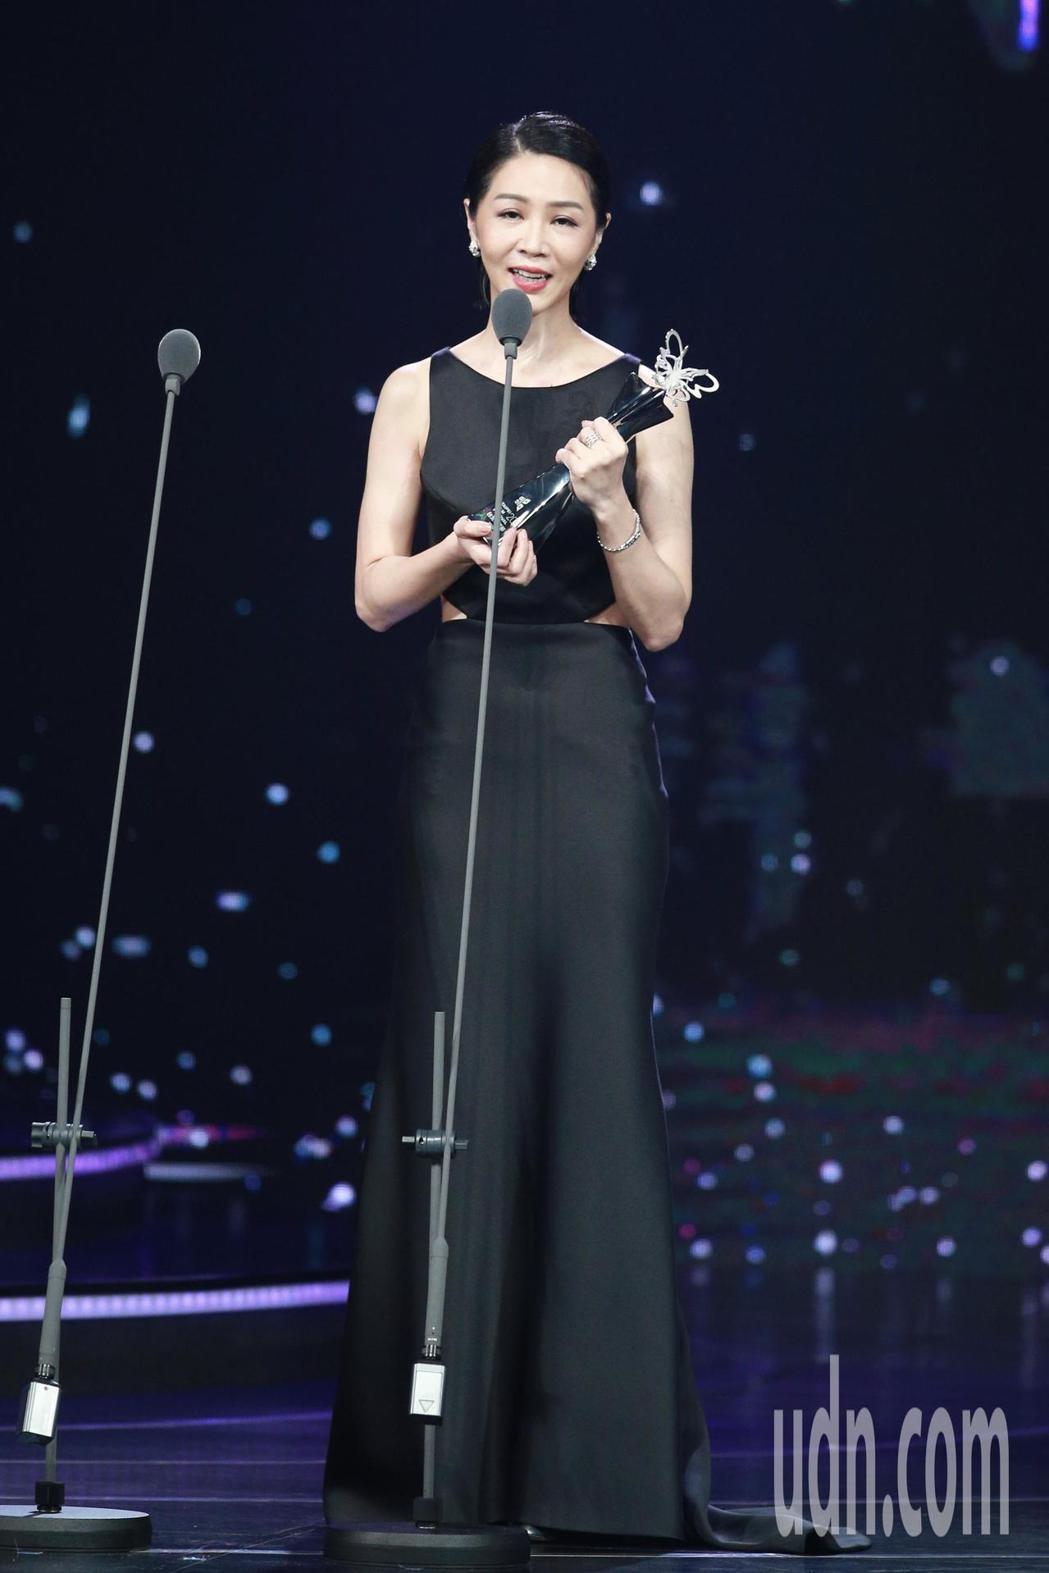 2018台北電影獎,最佳女主角獎由謝盈萱獲得。記者林伯東/攝影